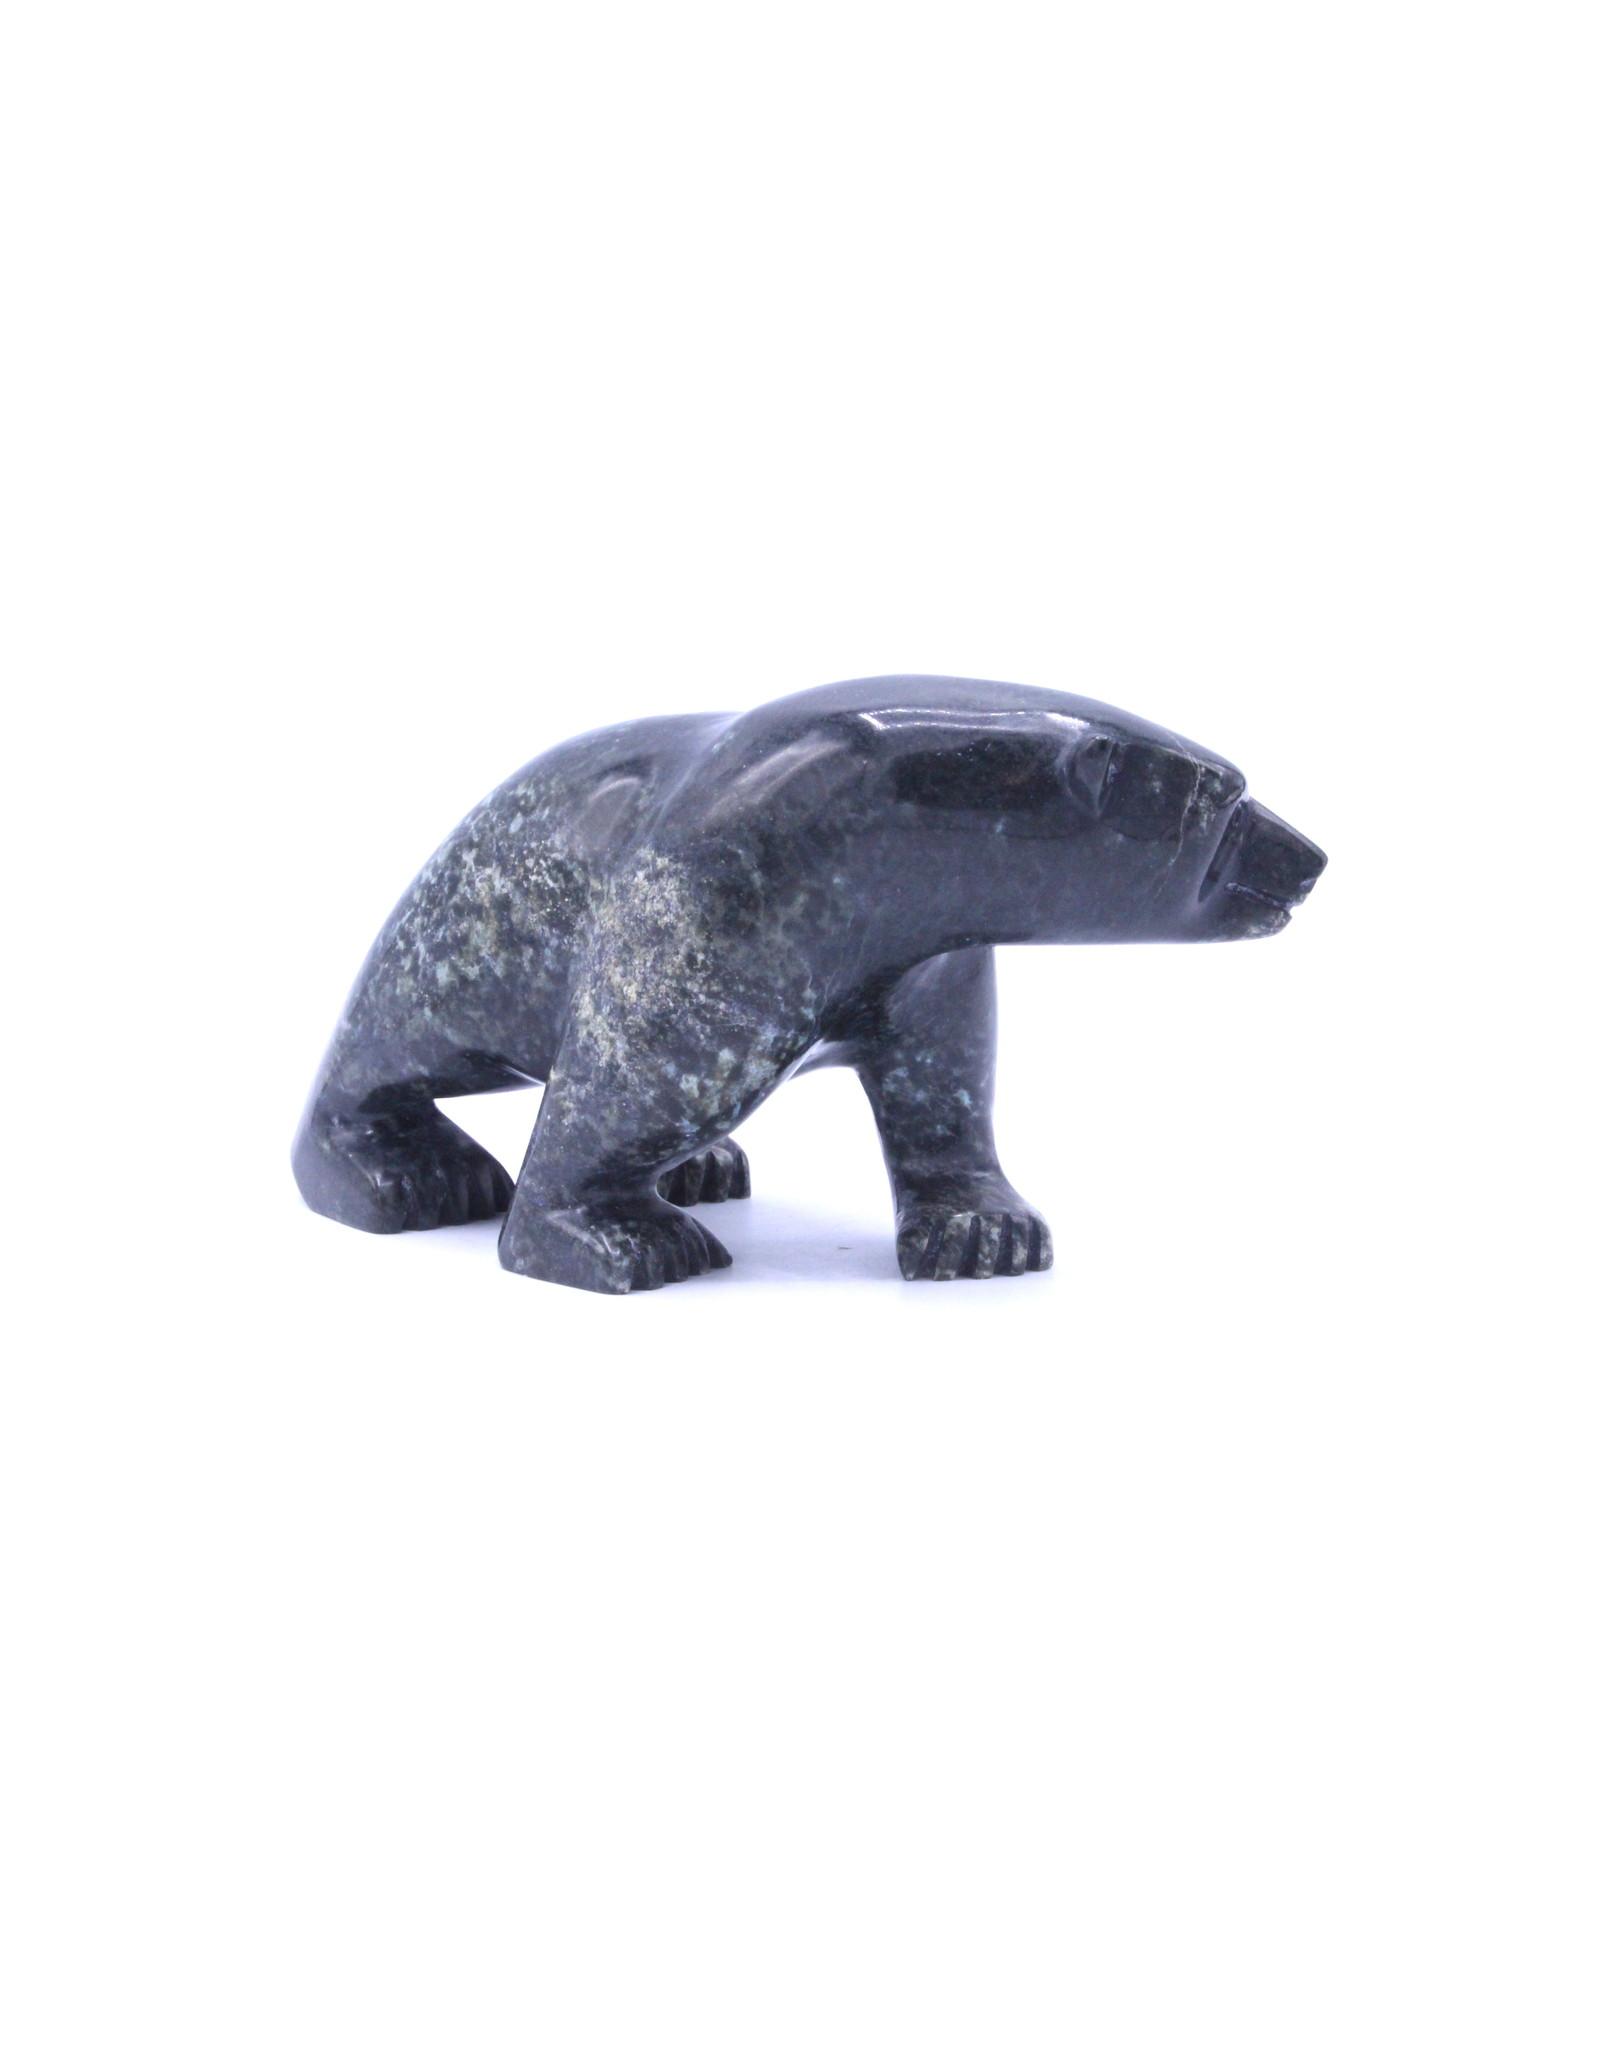 Bear by Mosesee Pootoogook - 6858M